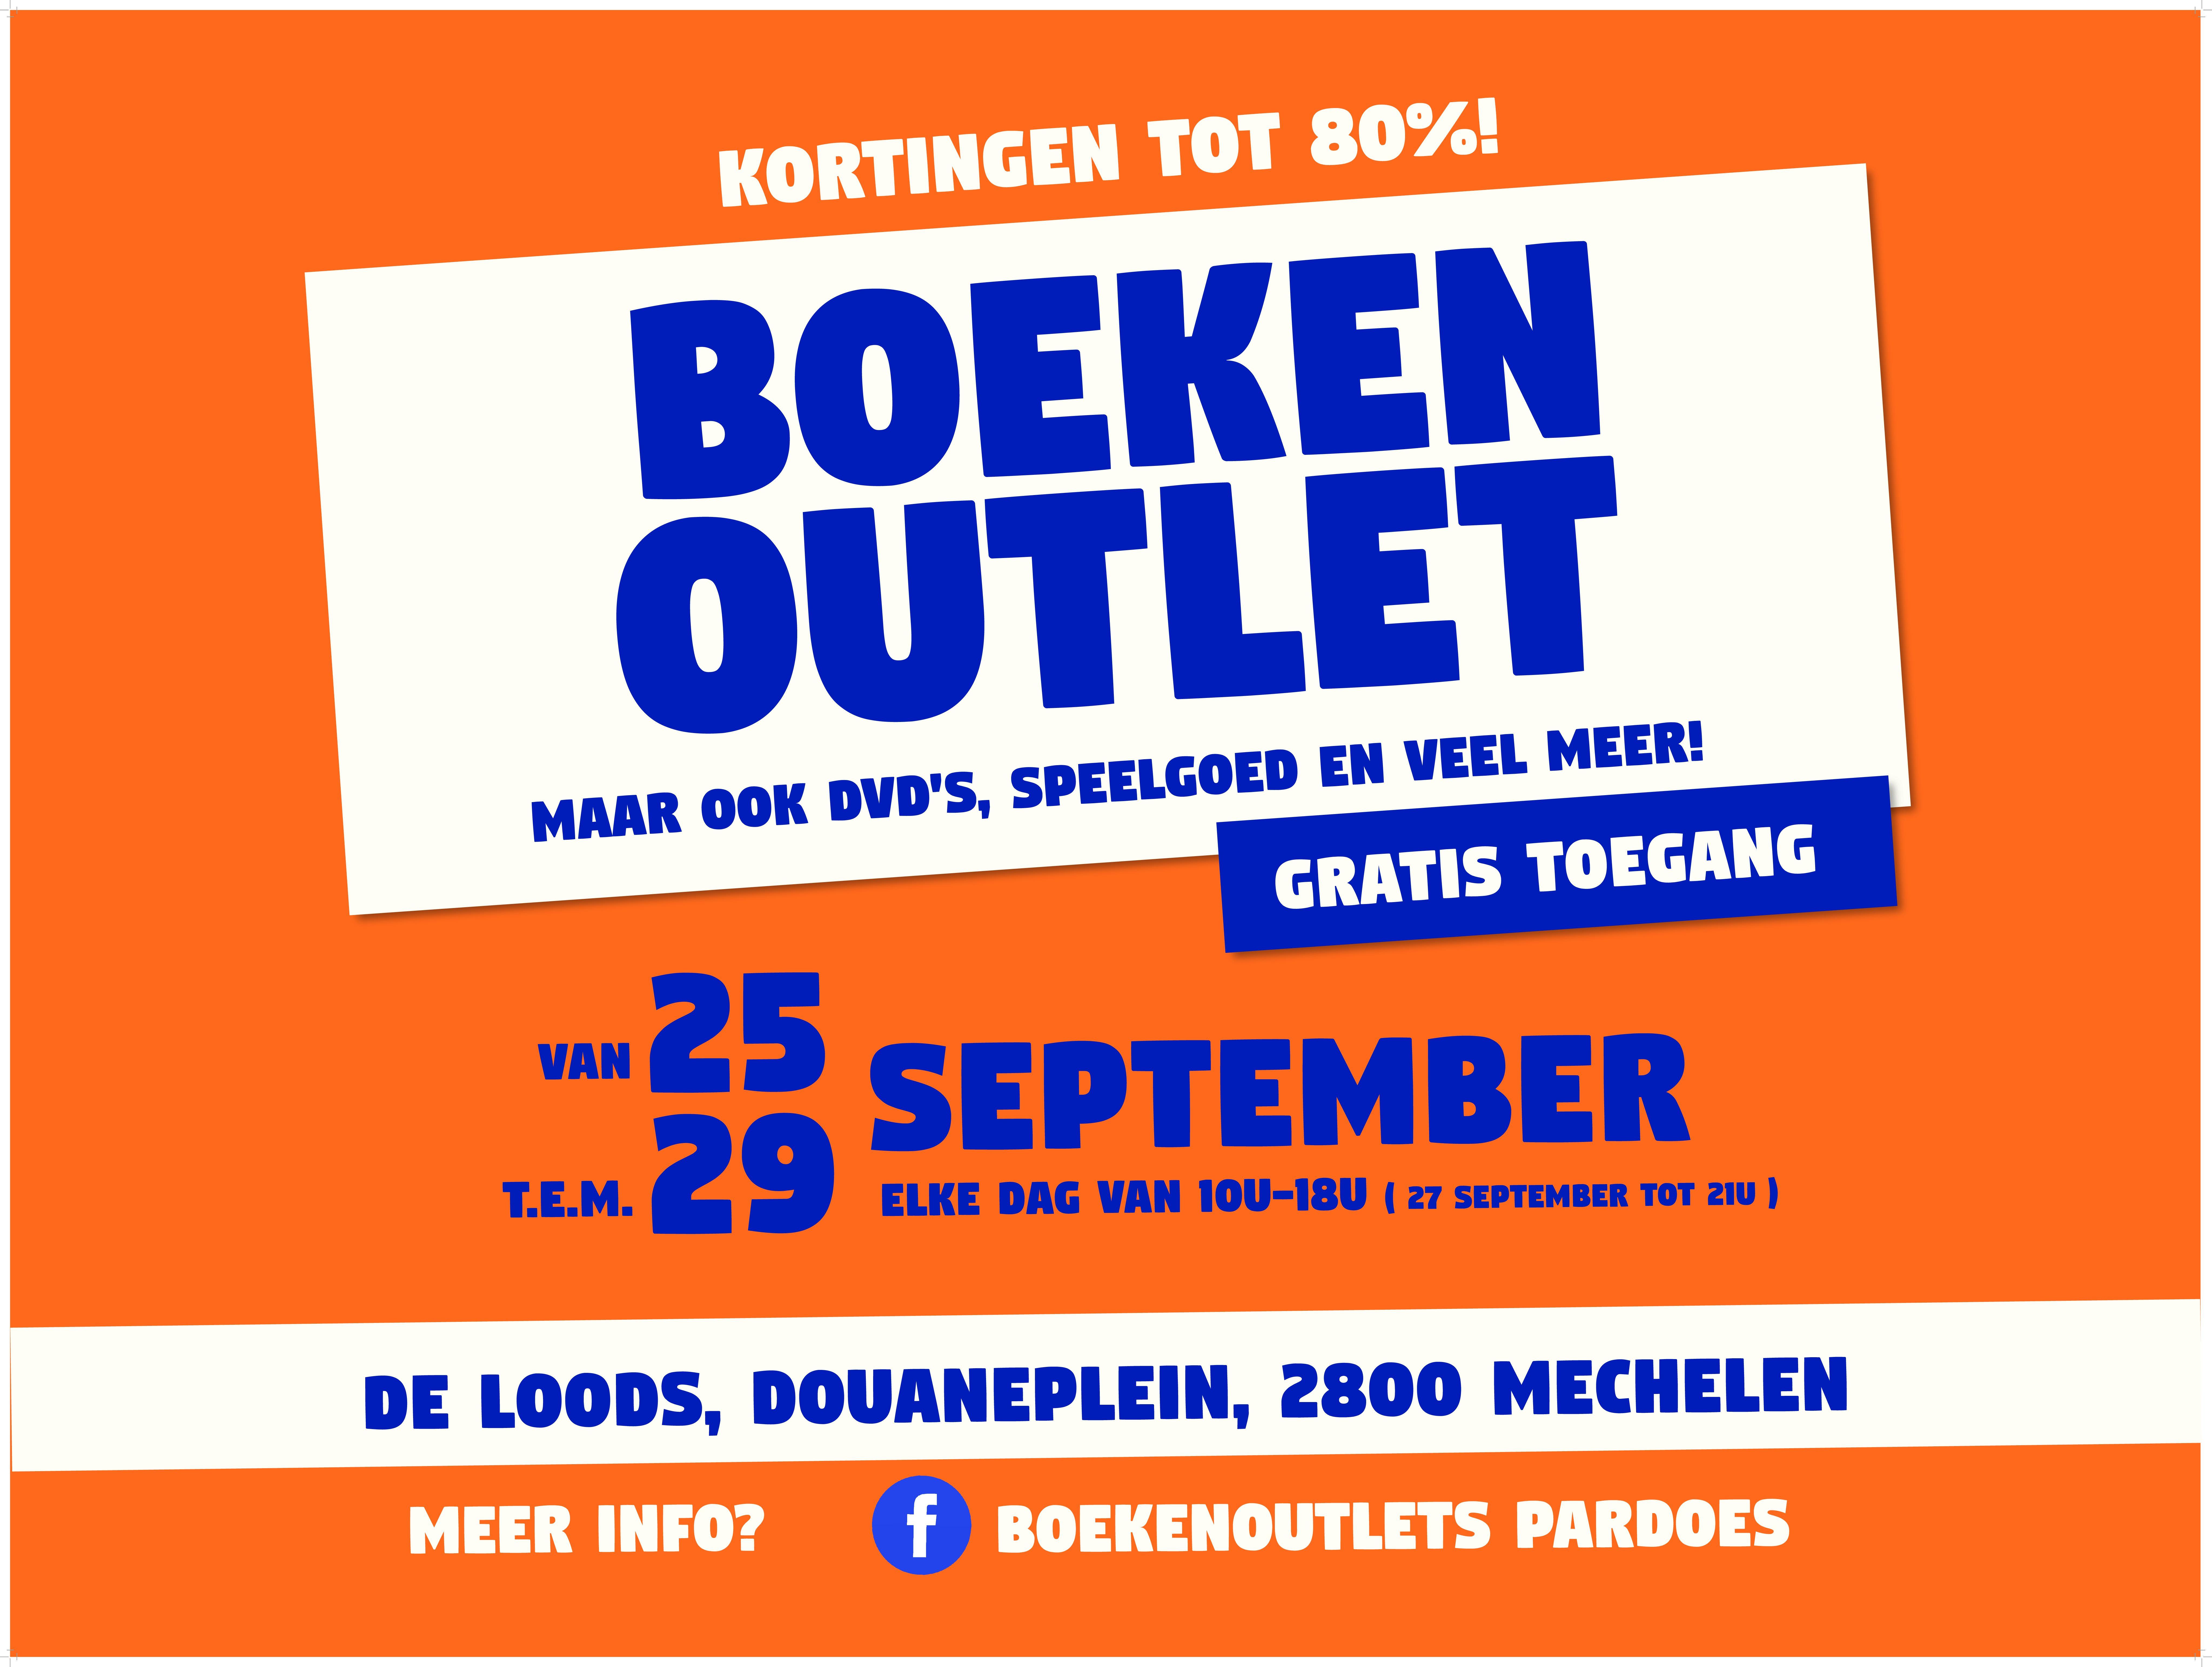 Boekenoutlet in Mechelen